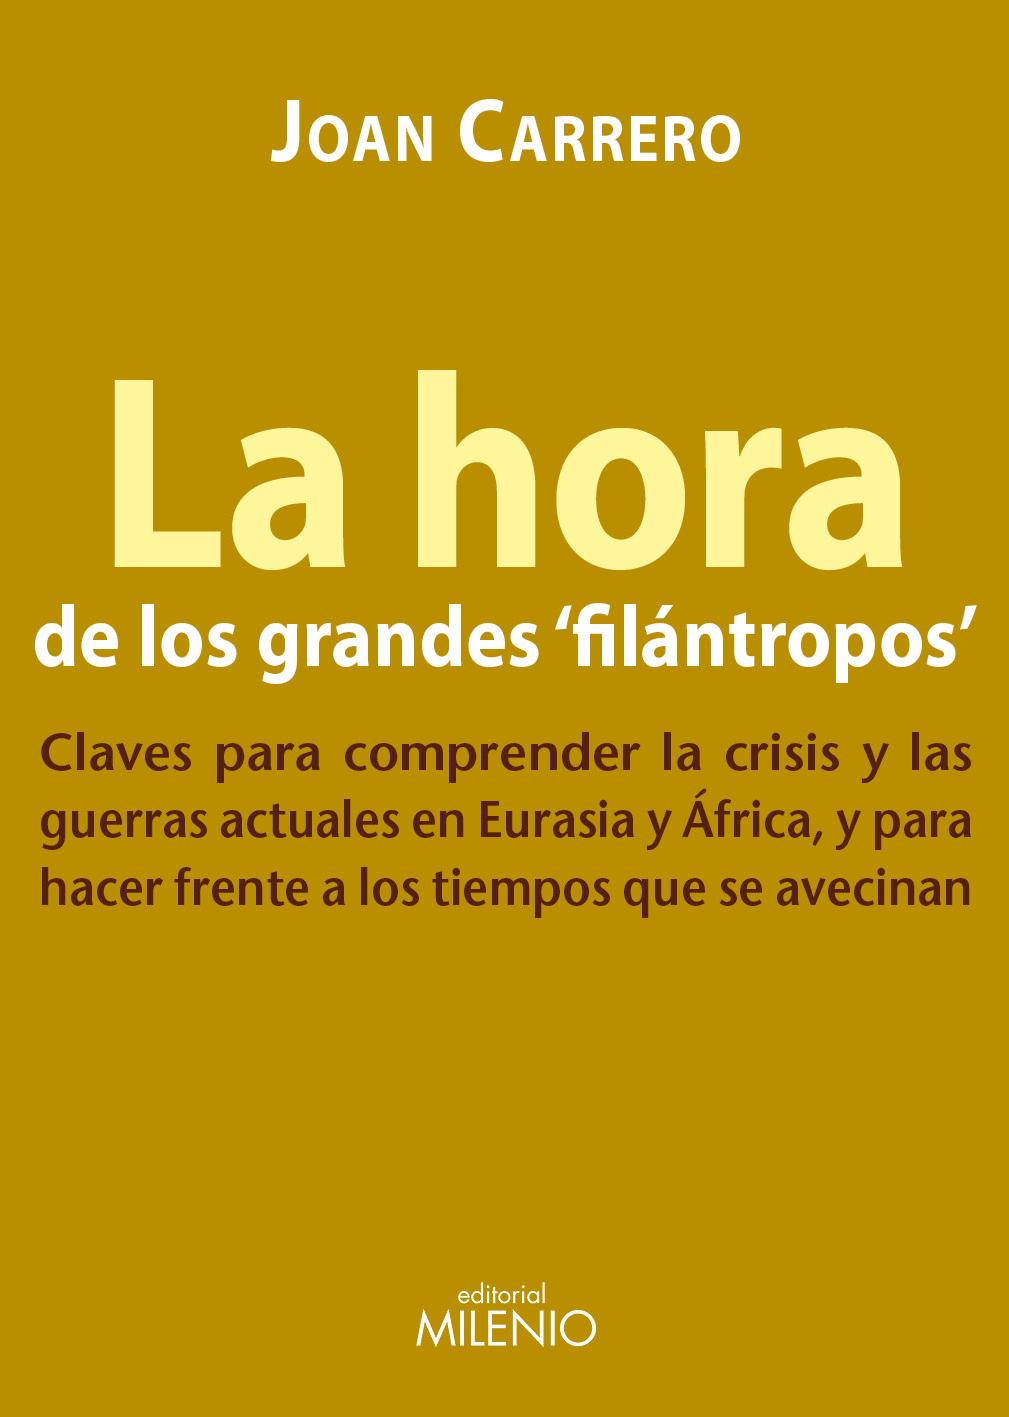 Descargar LA HORA DE LOS GRANDES FILANTROPOS